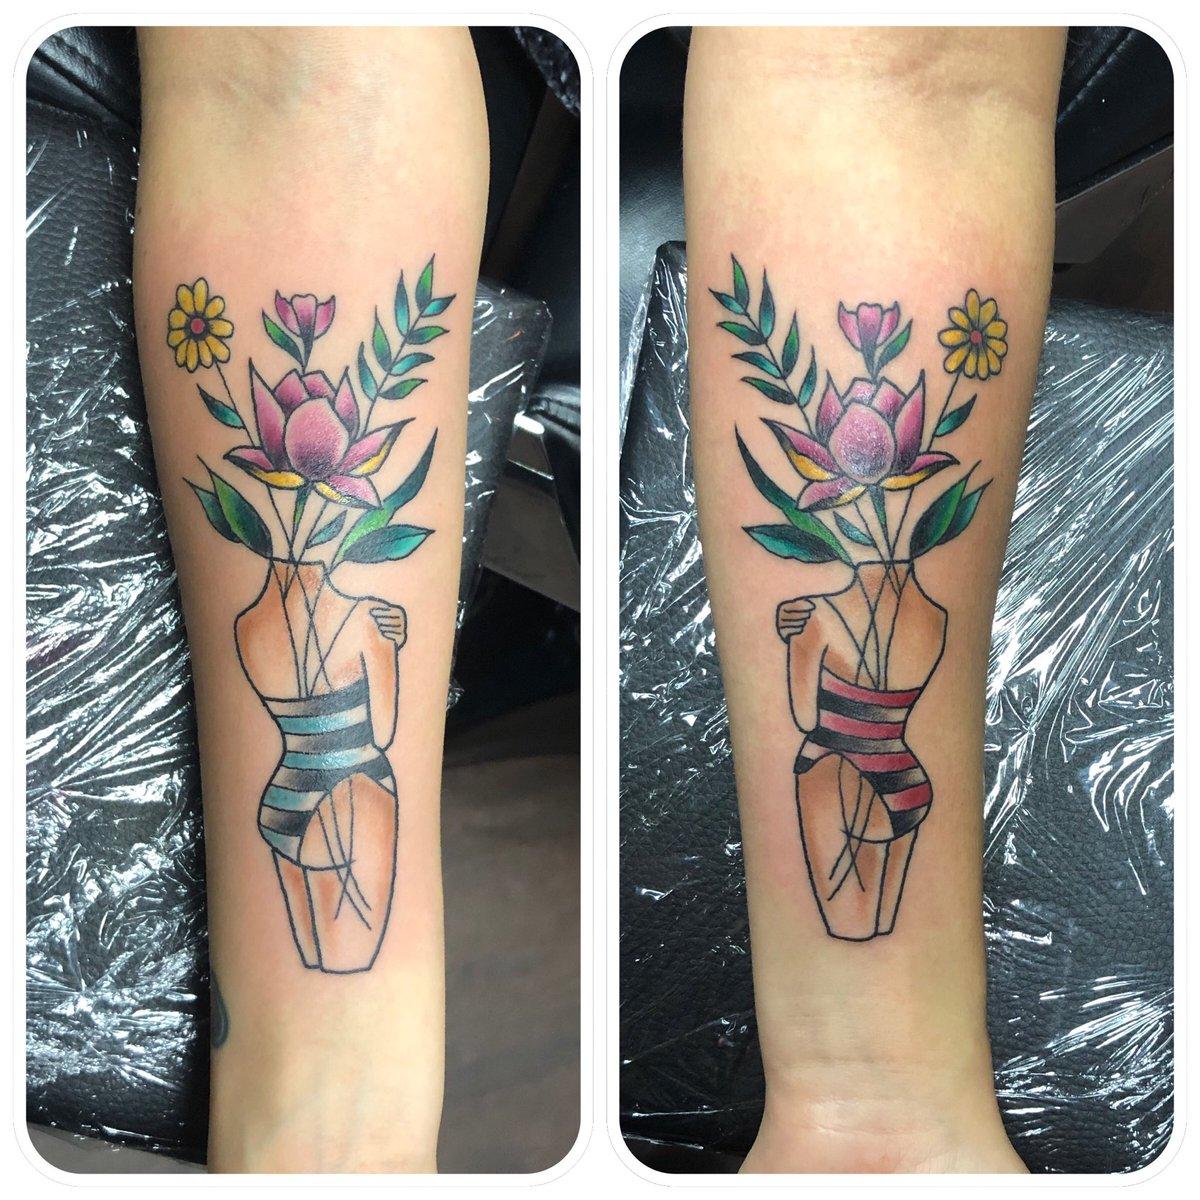 Red Rose Tattoo On Twitter De Liefde Van Zussen